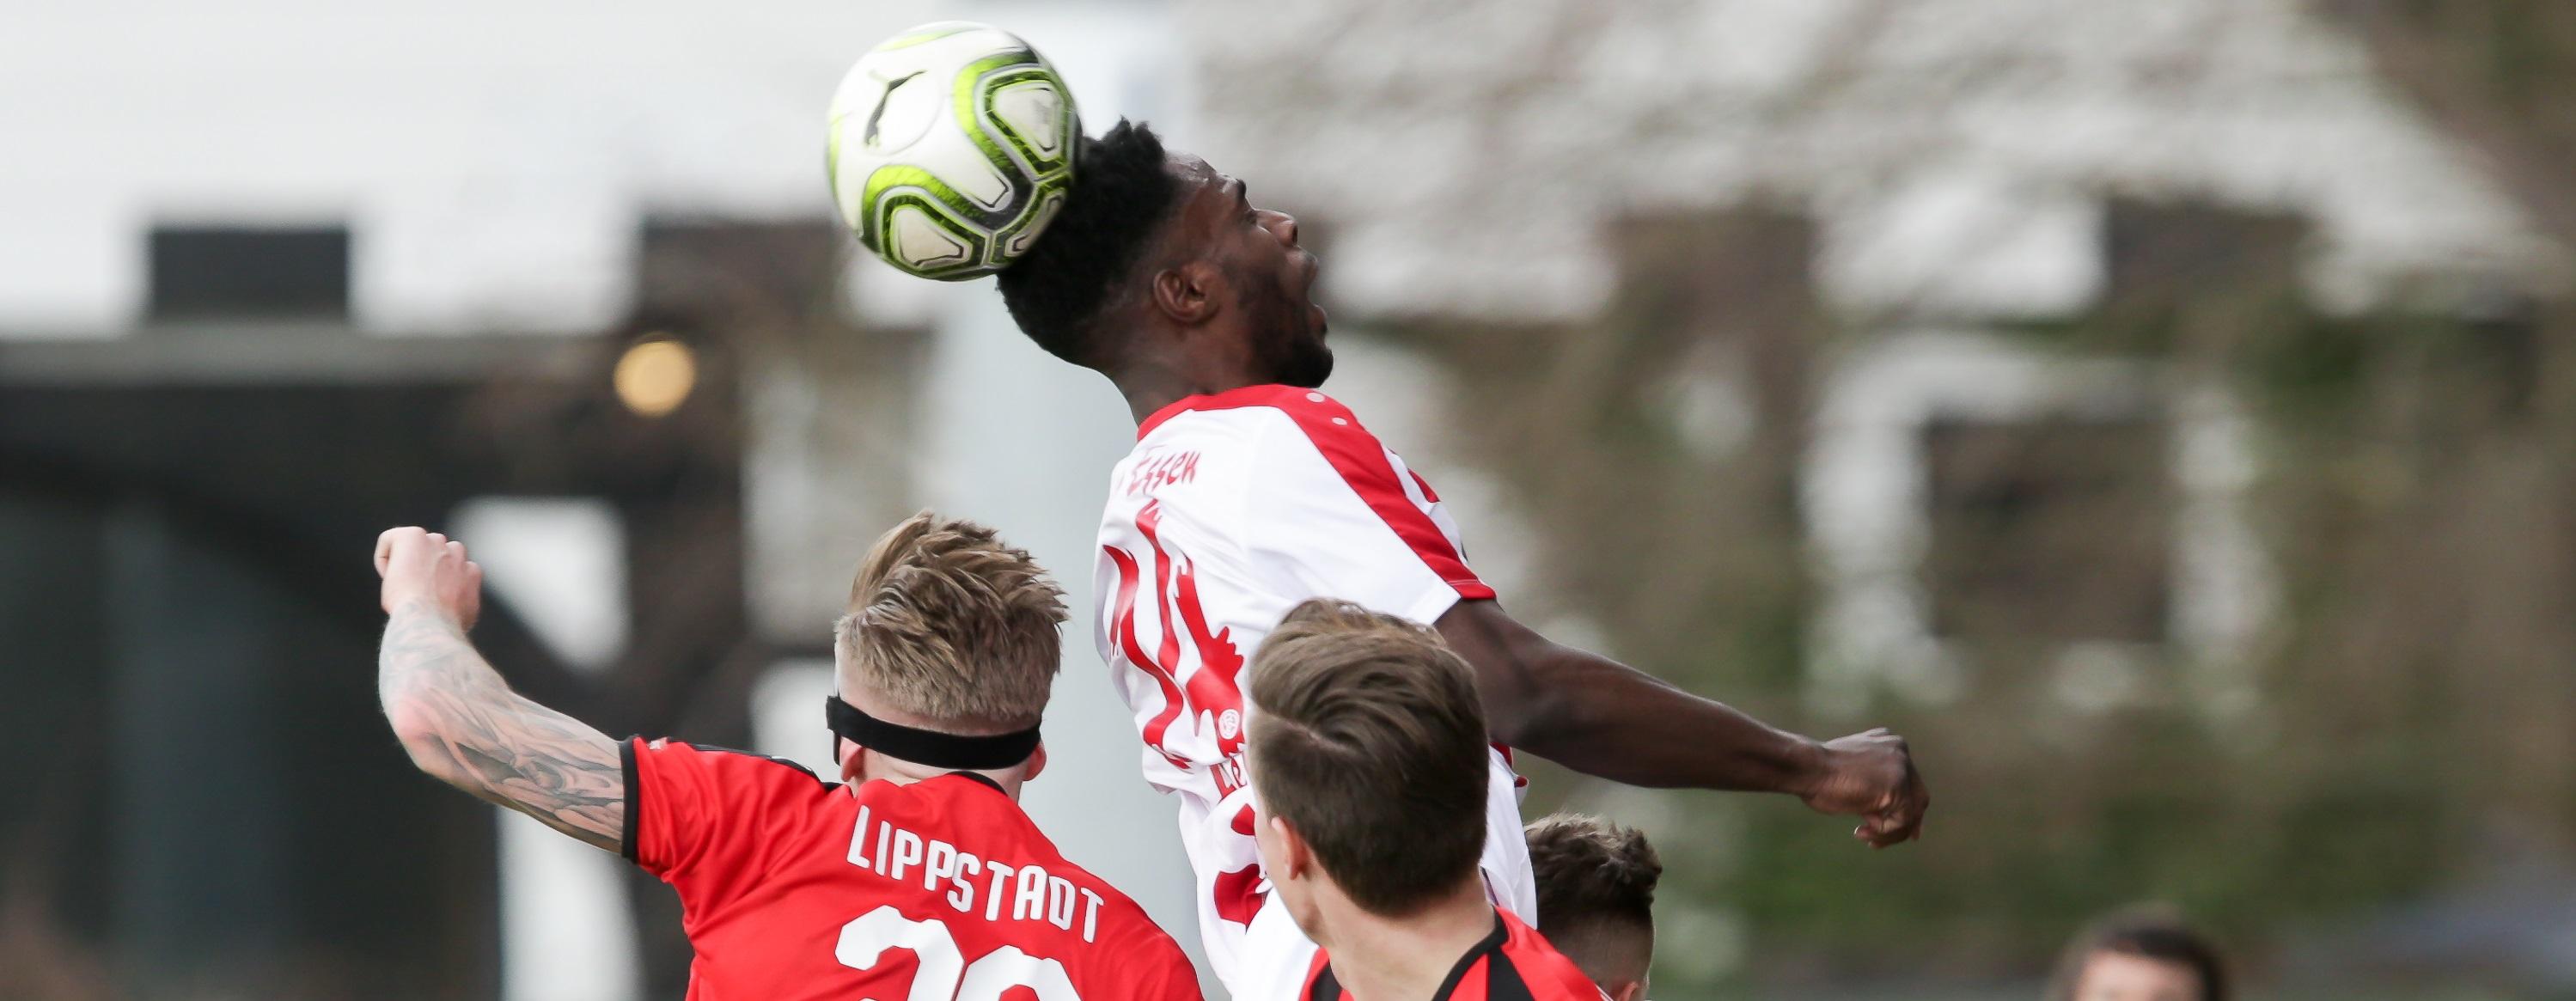 In der vergangenen Saison gewann RWE mit 3:0 in der Liebelt-Arena (Foto: Breilmannswiese)